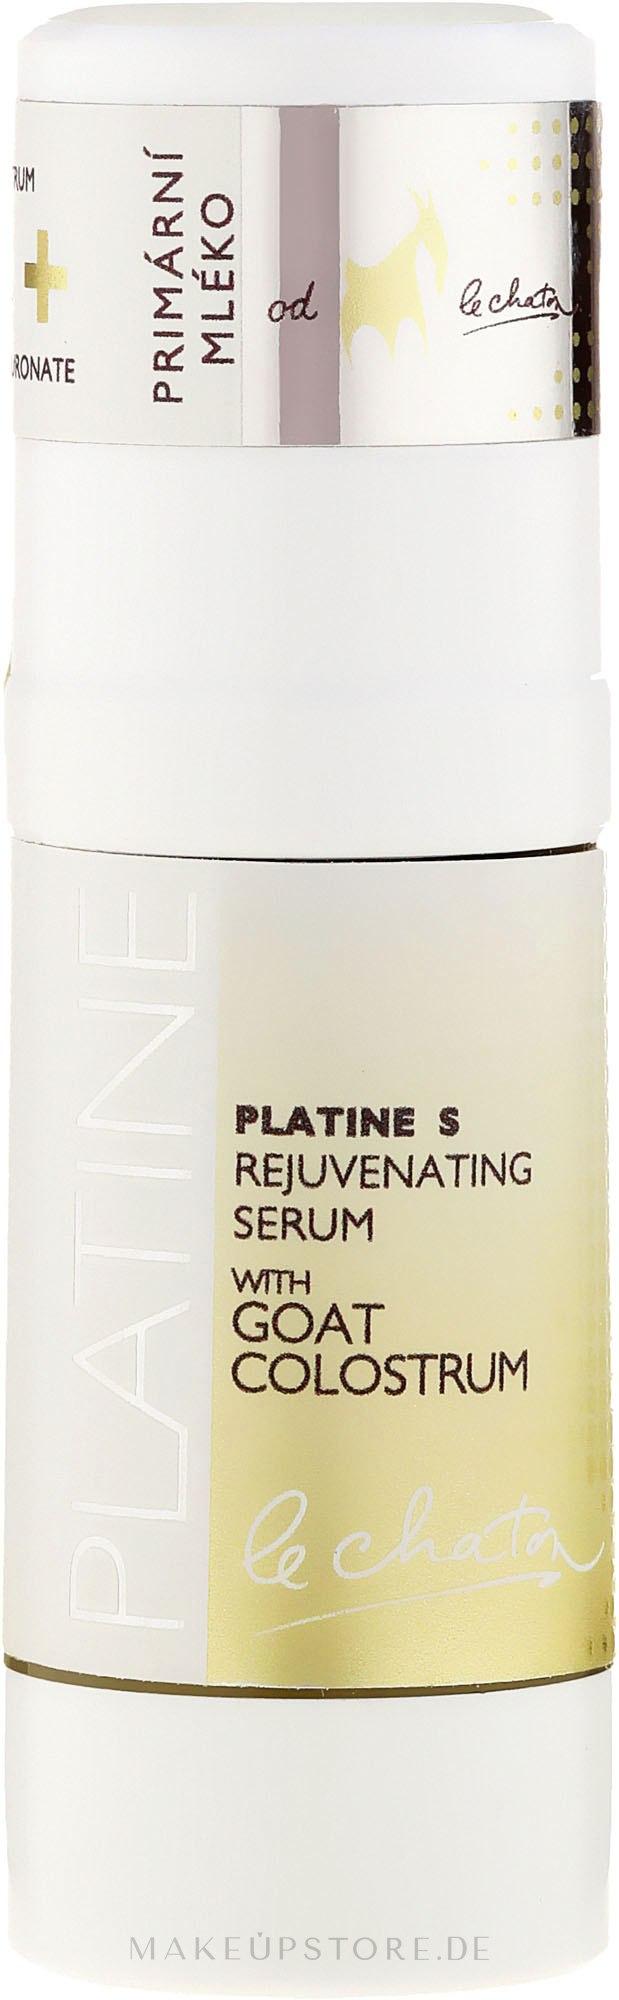 Verüngendes Gesichtsserum mit Ziegenkolostrum - Le Chaton Platine Skin Rejuvenating Serum With Goat Colostrum Platinum — Bild 30 ml